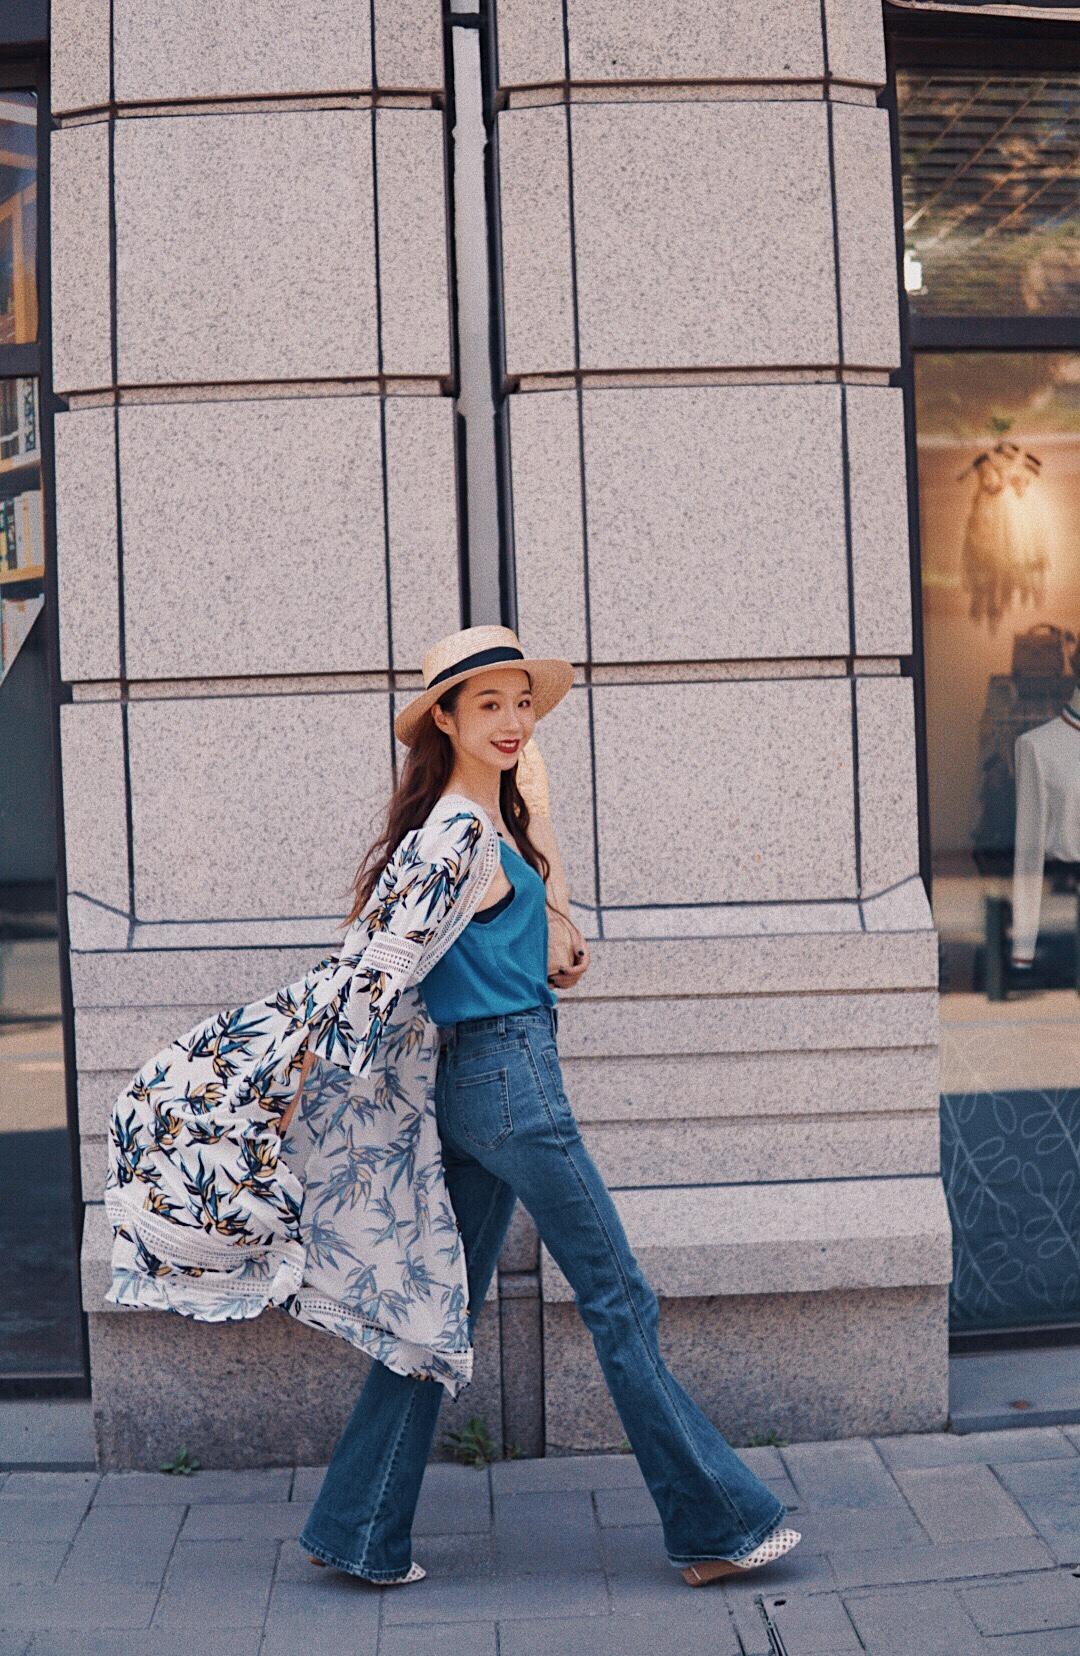 #多肉女孩的夏日生存法则#  日剧高岭之花石原里美同款连衣裙,开辟新穿法。拿来当外套穿,搭配超高腰喇叭裤,LPA镂空松糕鞋充满夏日气息,整个look就很适合度假啦。